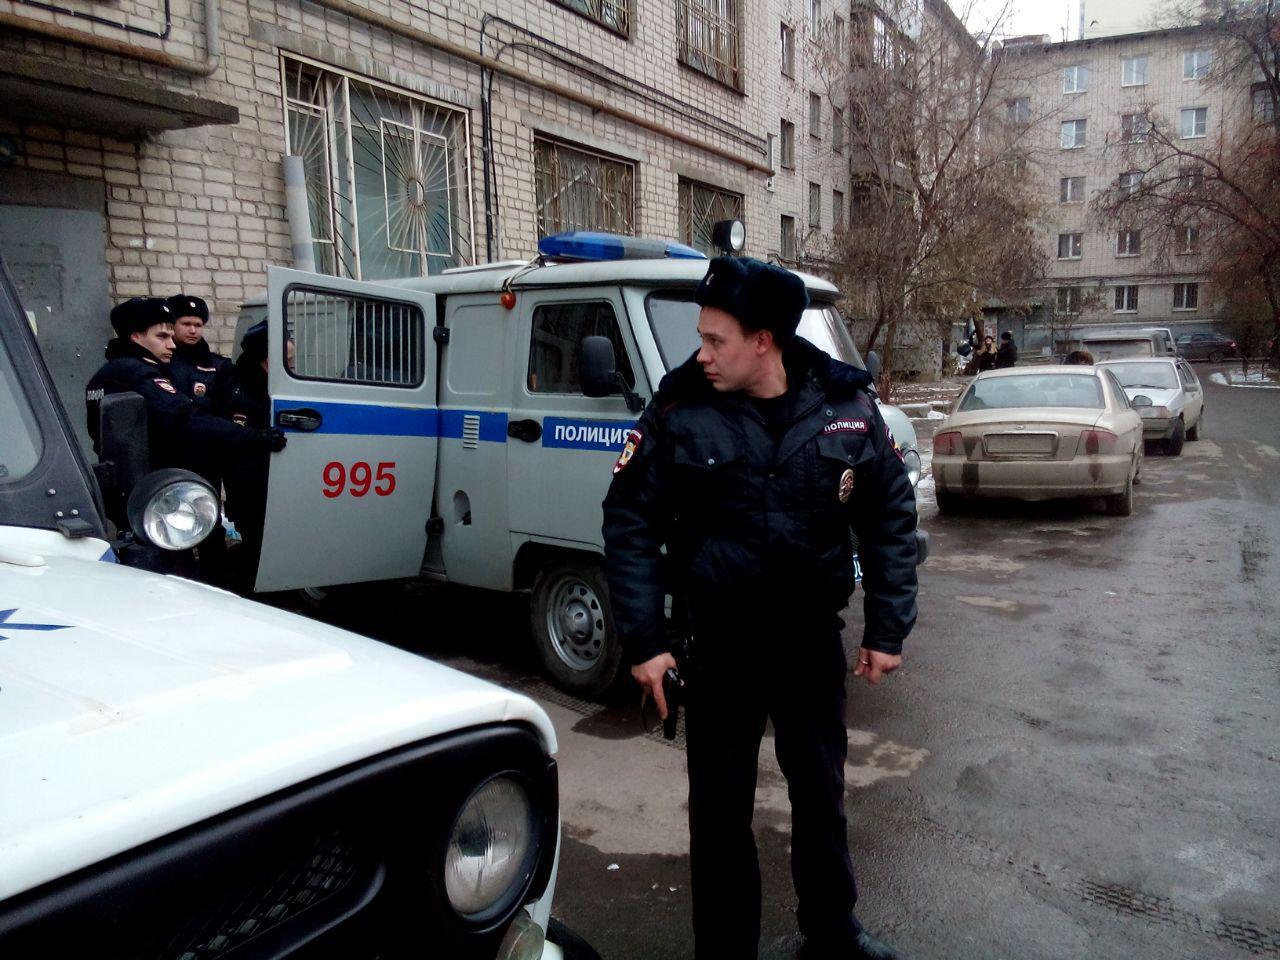 Соколовского выводят из суда